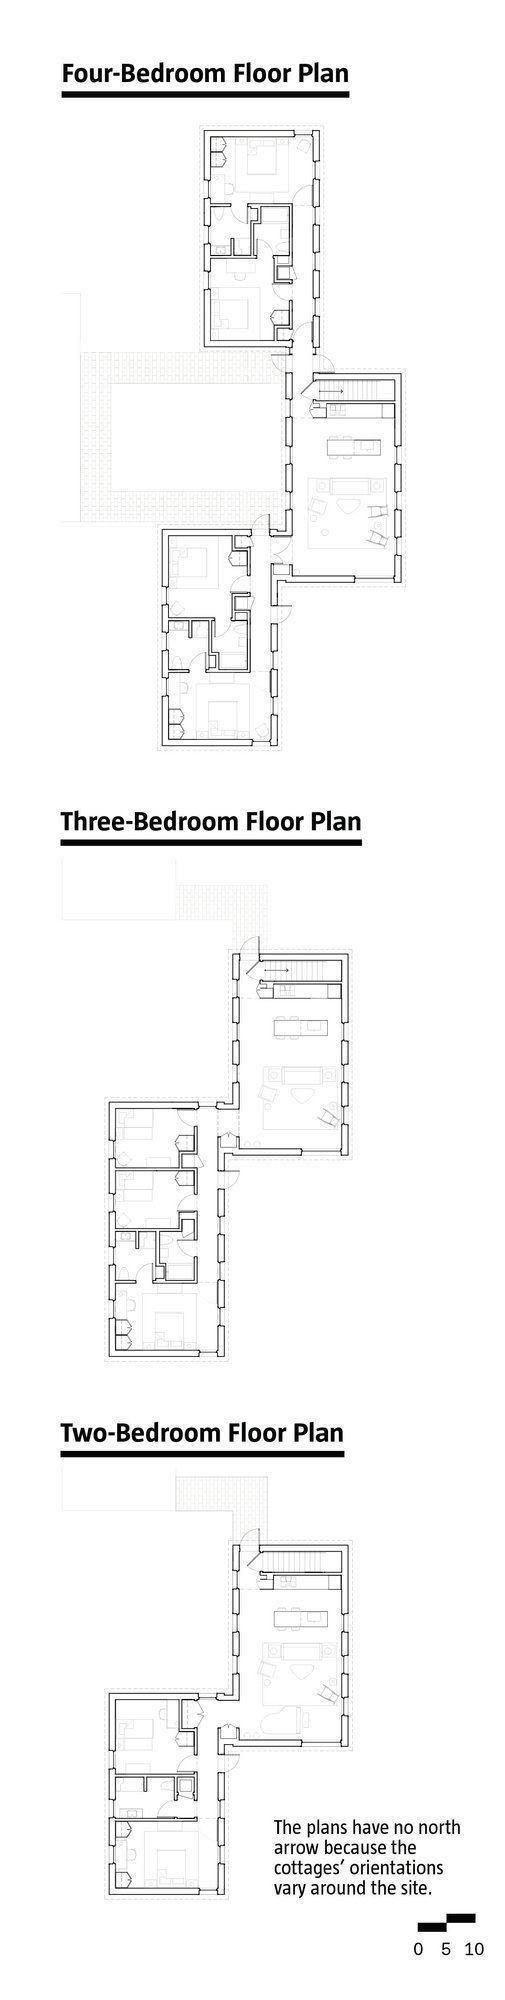 616 migliori immagini progetti residenziali residential for Progetti di cottage sulla spiaggia e planimetrie